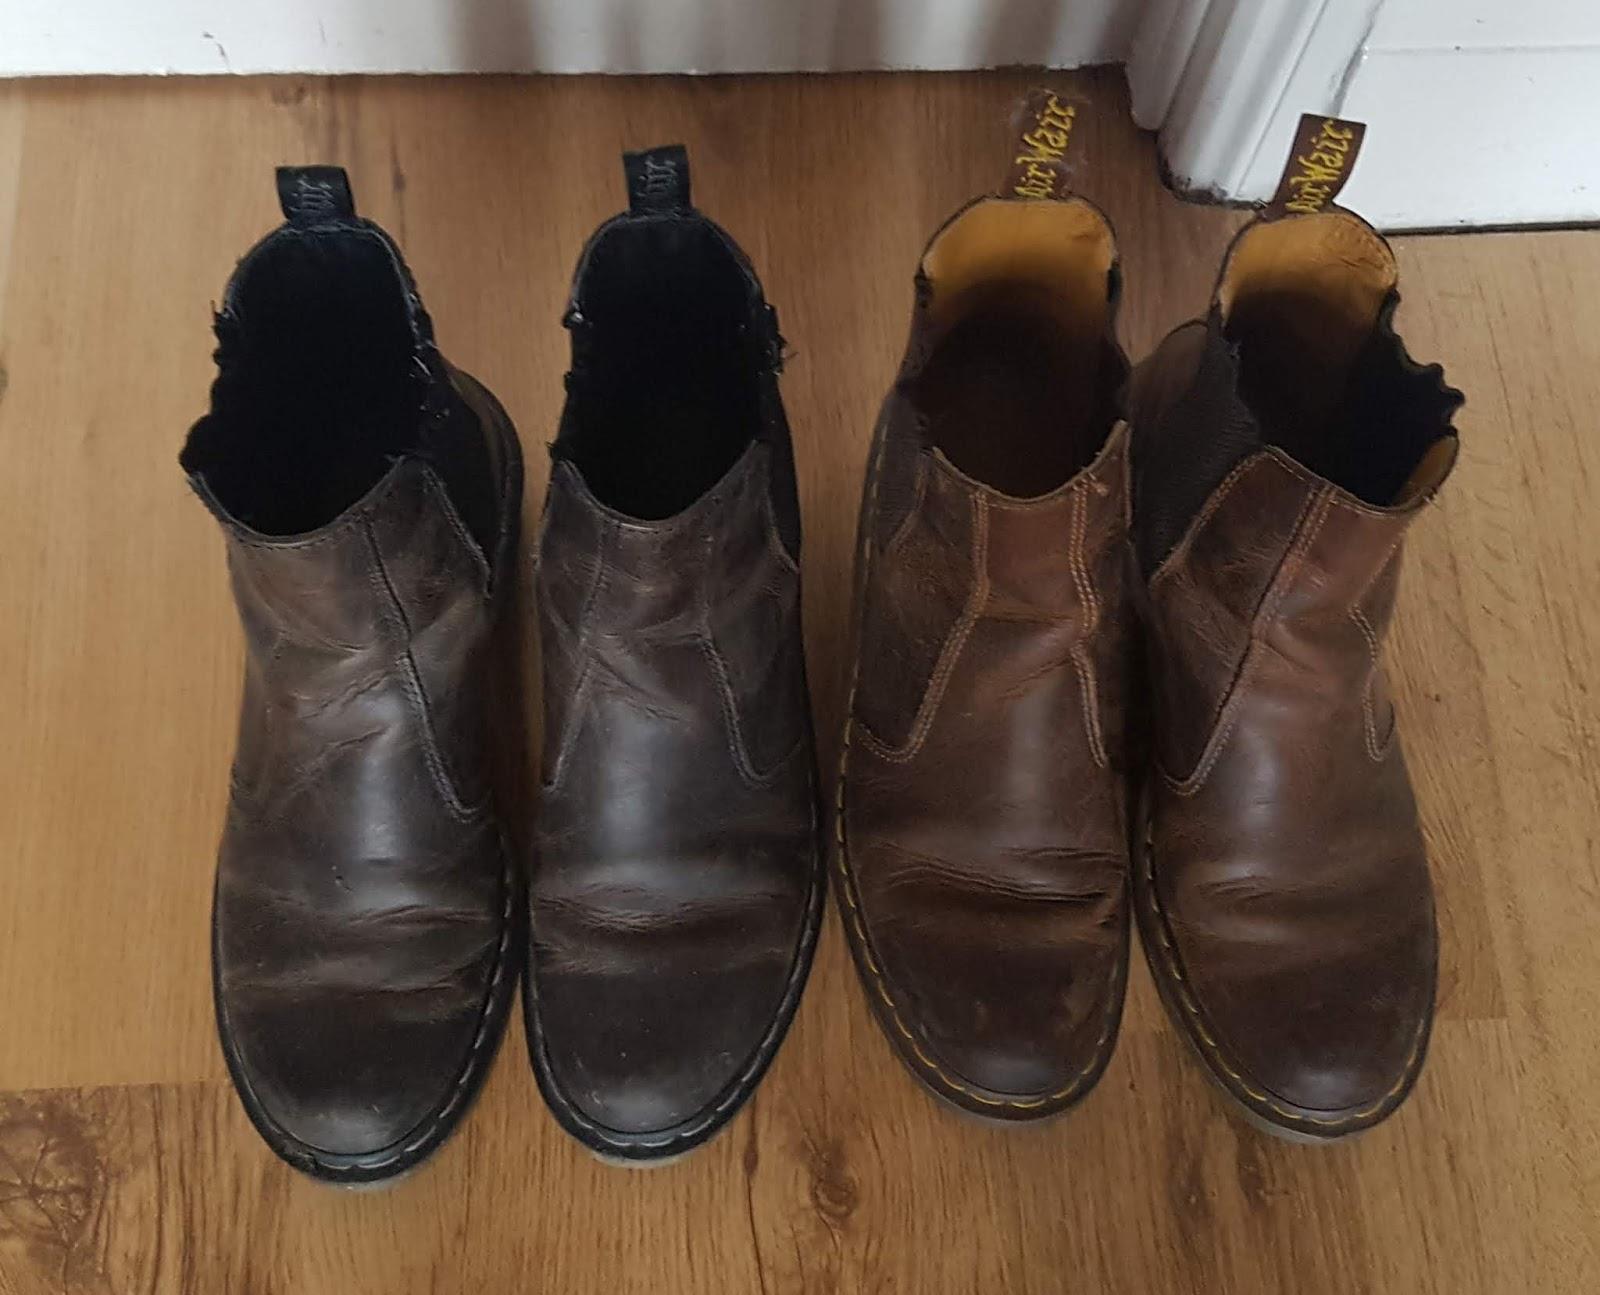 neuesten Stil von 2019 zu verkaufen neues Erscheinungsbild No Mean Feet for the Duchess : Doc Martens